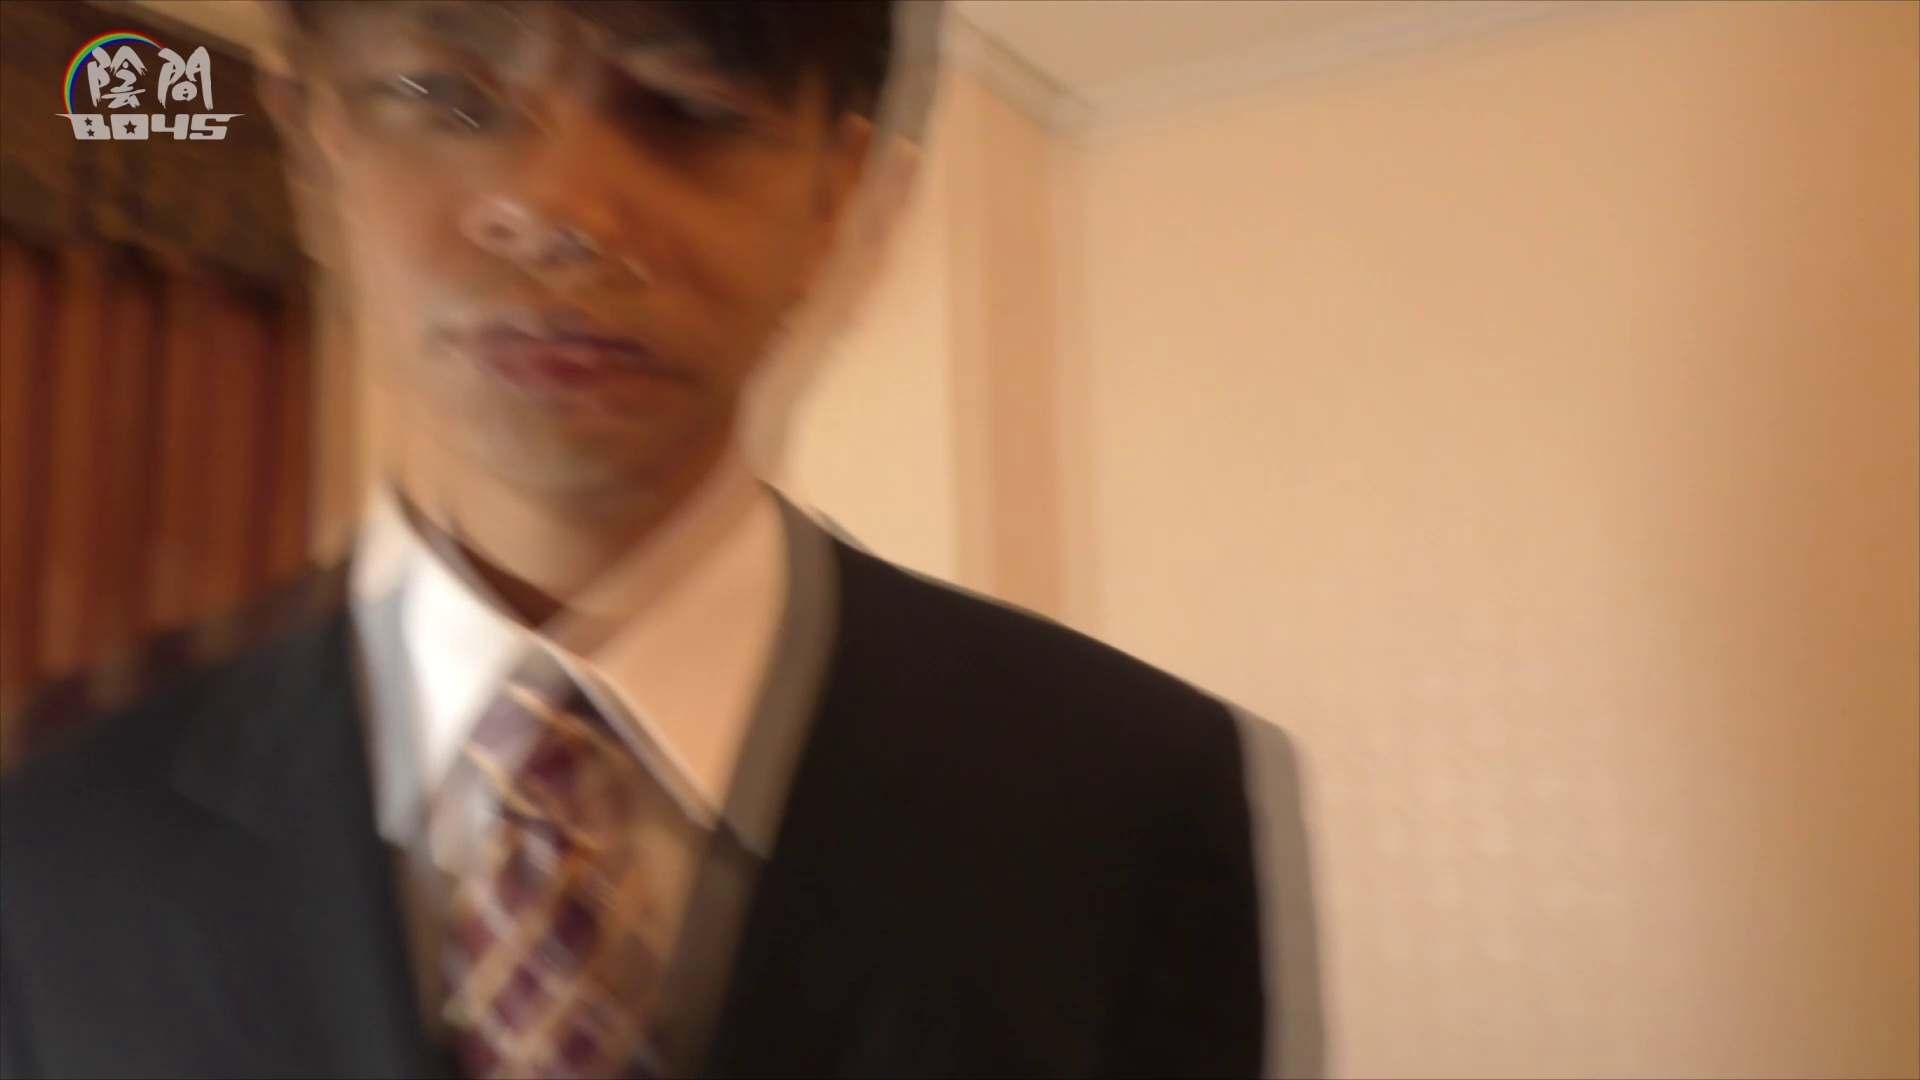 陰間BOYS~キャバクラの仕事はアナルから4 Vol.01 男どうし ゲイモロ画像 108pic 95